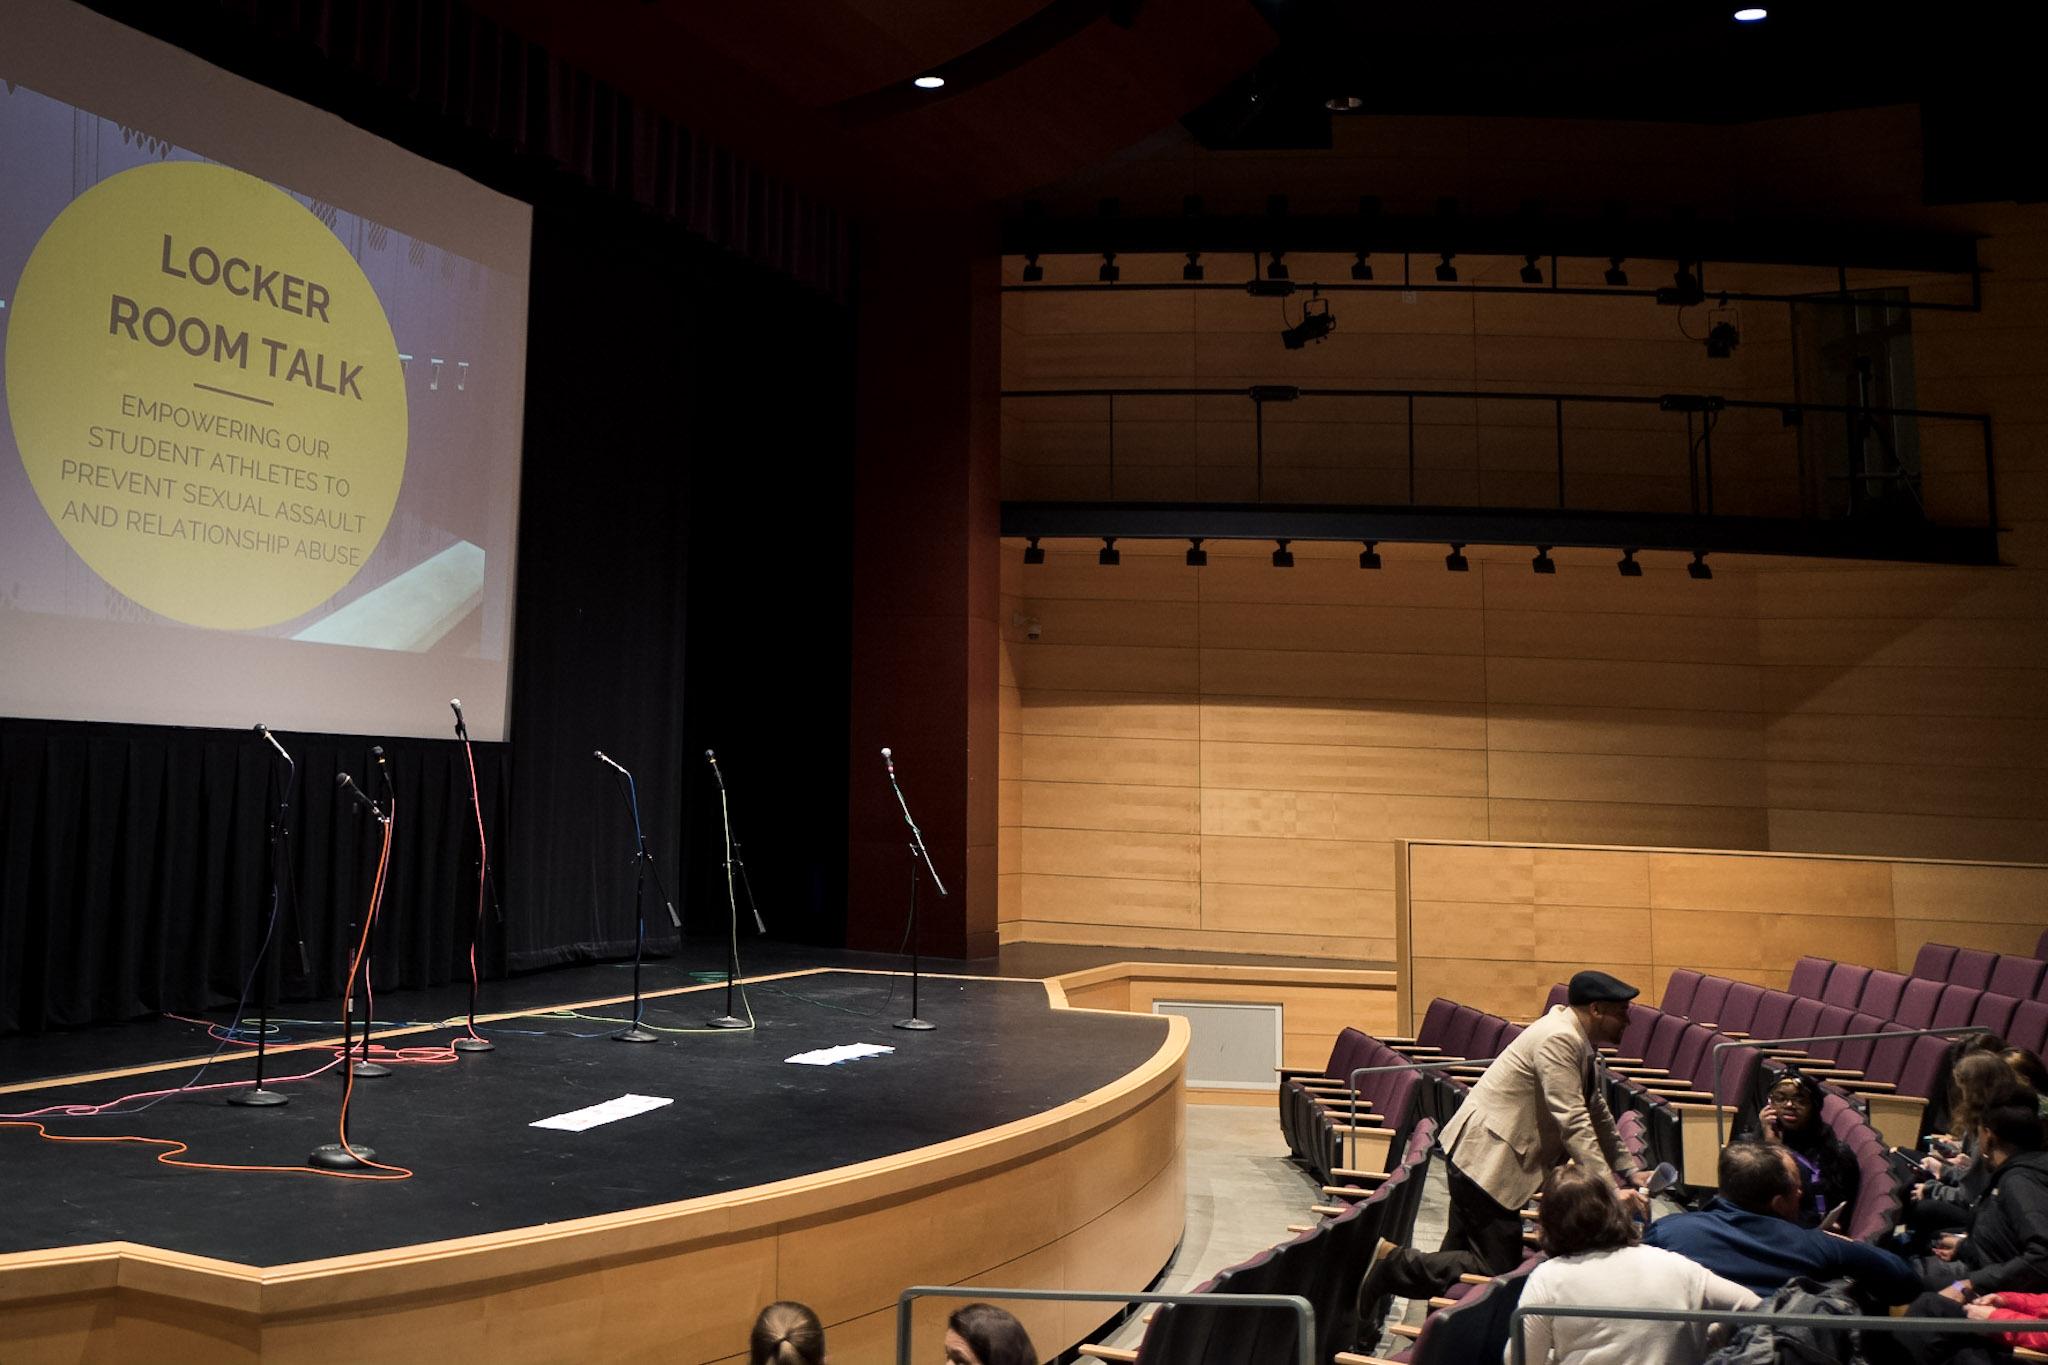 Quincy Jones Performance Center